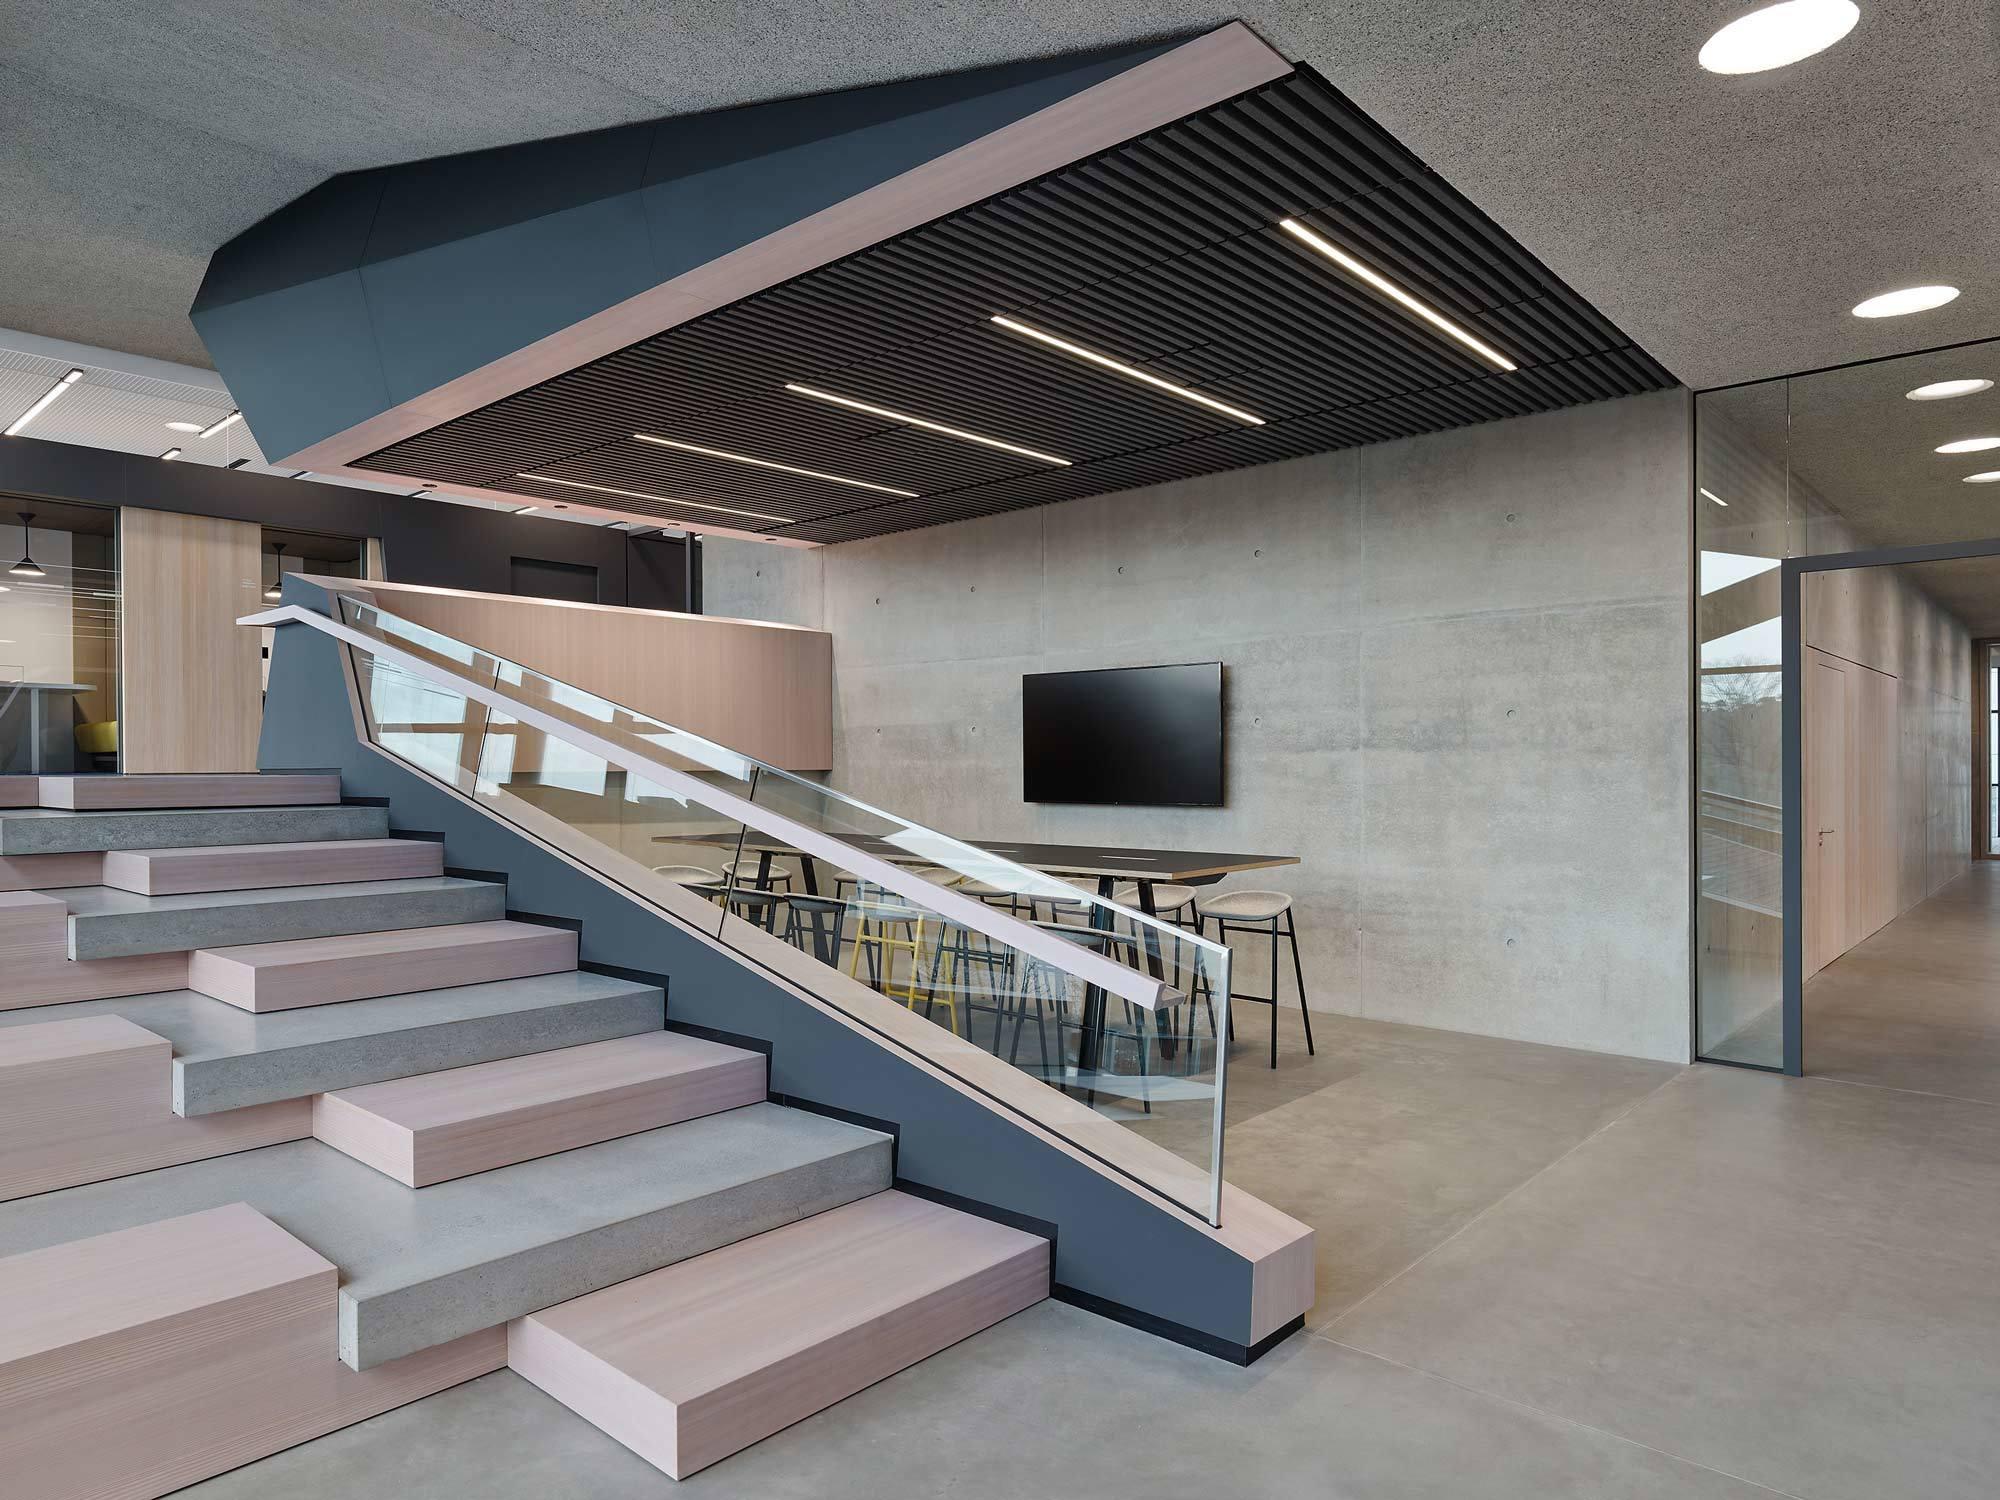 WDF 49, Scope Architekten, Walldorf, 2019, Foto: Zooey Braun